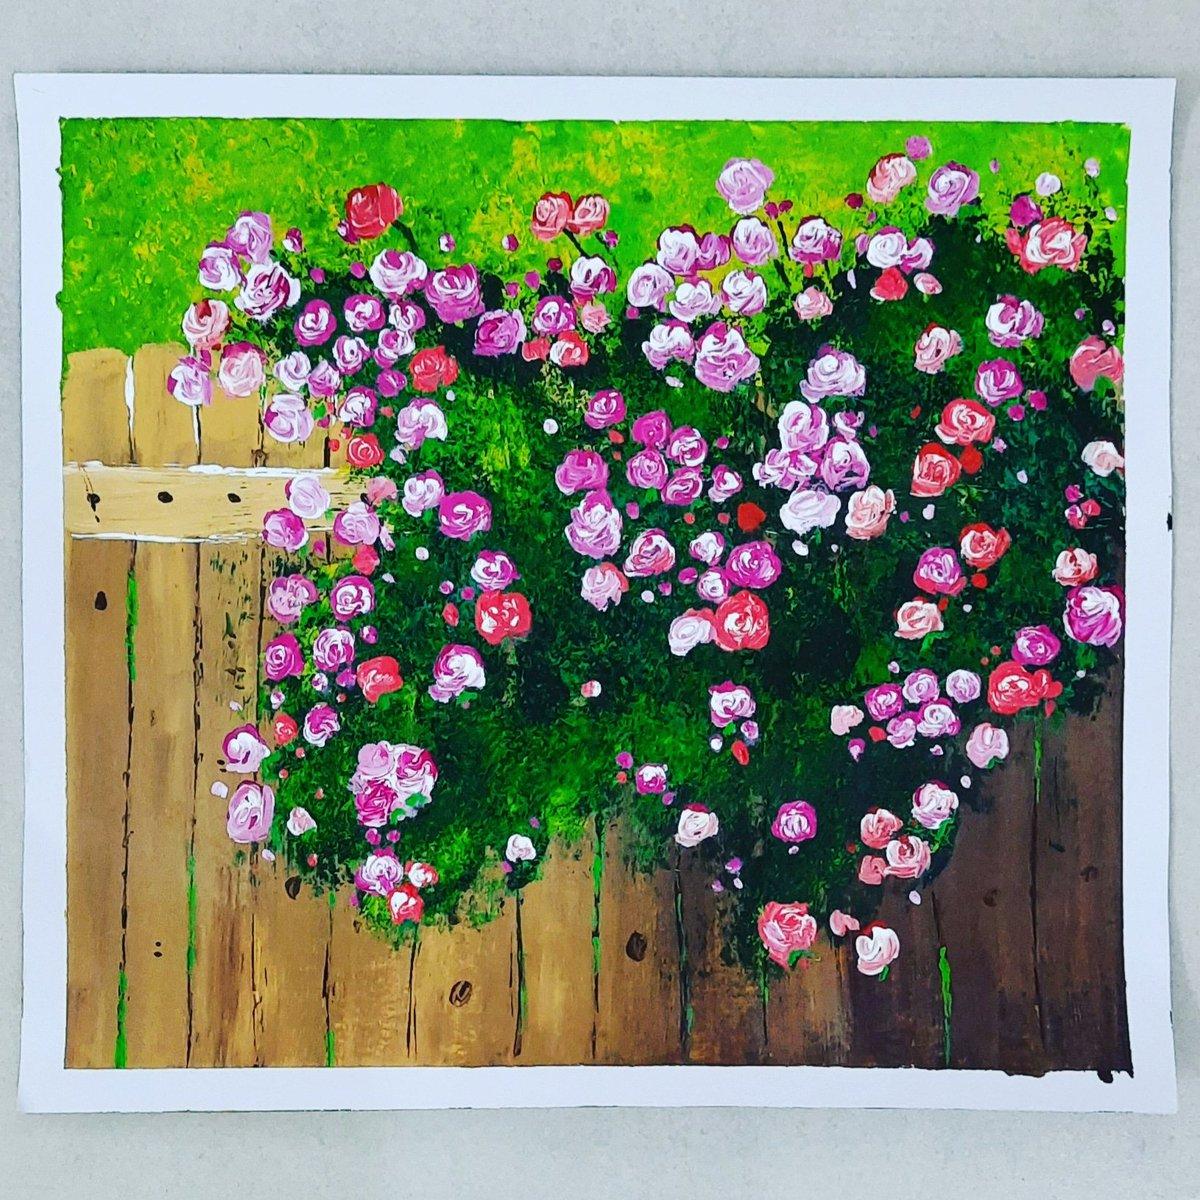 Follow:  #acrylicpaintings #acrylicabstract  #acrylicpaintingartist #ArtistOnTwitter #artistsofindia #artvsartist #artfollowers #acrylicpaint #arttutorial #palleteknifepainting #artistsupport #artoftheday #artstudios #artcollector #artforsalebyartist